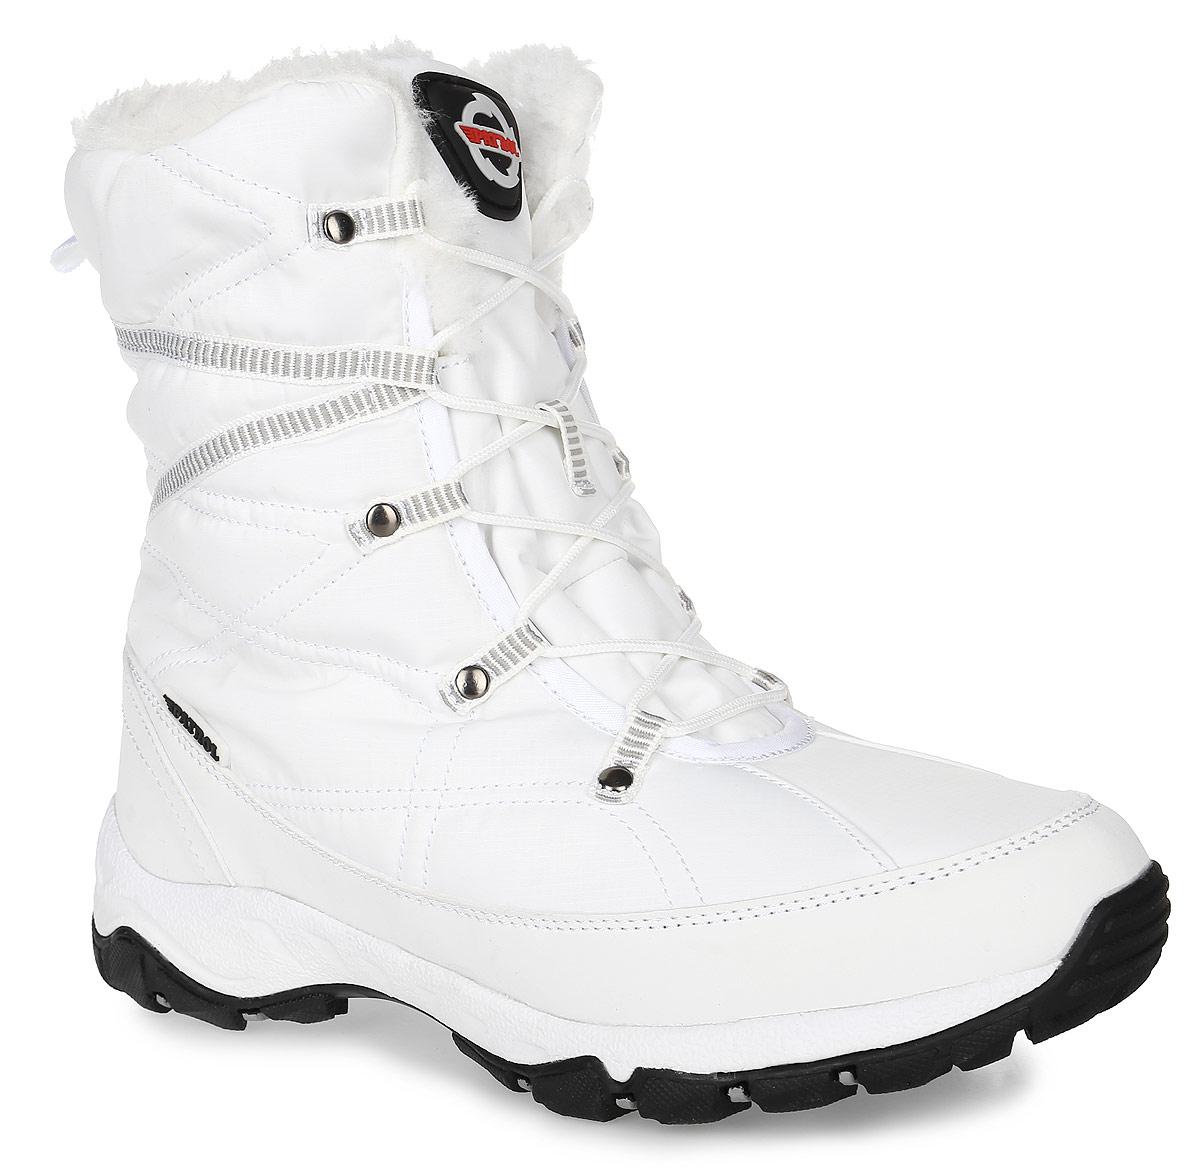 Ботинки232-028IM-17w-8/01-1Женские ботинки от Patrol прекрасно подойдут для активного отдыха и пеших прогулок. Модель выполнена из комбинации высококачественного текстиля и искусственной кожи. Подкладка, исполненная из искусственного меха, сохранит ваши ноги в тепле. Съемная стелька EVA с поверхностью из искусственного меха обеспечивает отличную амортизацию и максимальный комфорт. Шнуровка позволяет оптимально зафиксировать модель на ноге. Подошва с протектором гарантирует надежное сцепление на любых поверхностях.